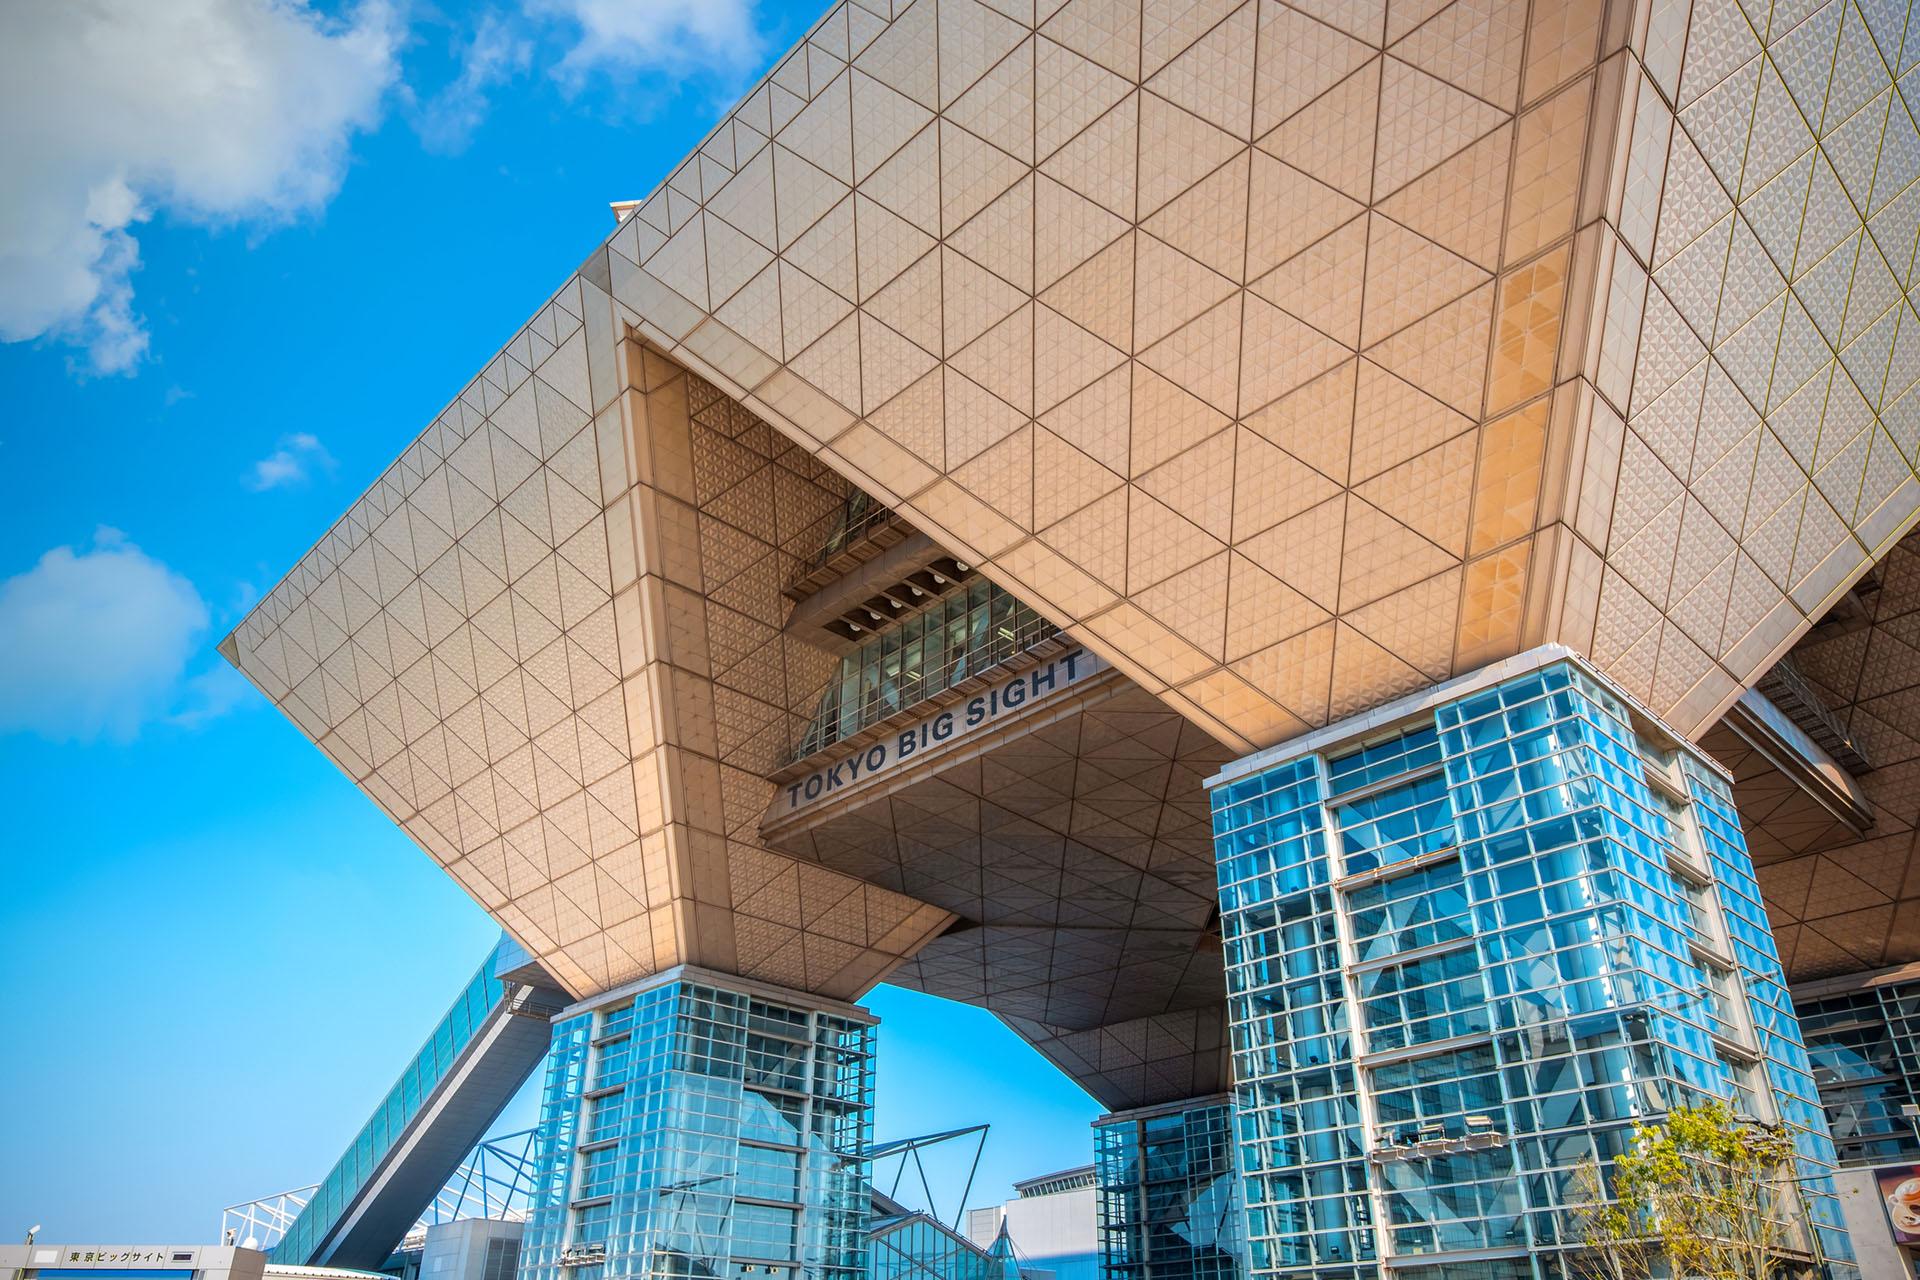 Top 10 Most Fascinating Buildings in Tokyo